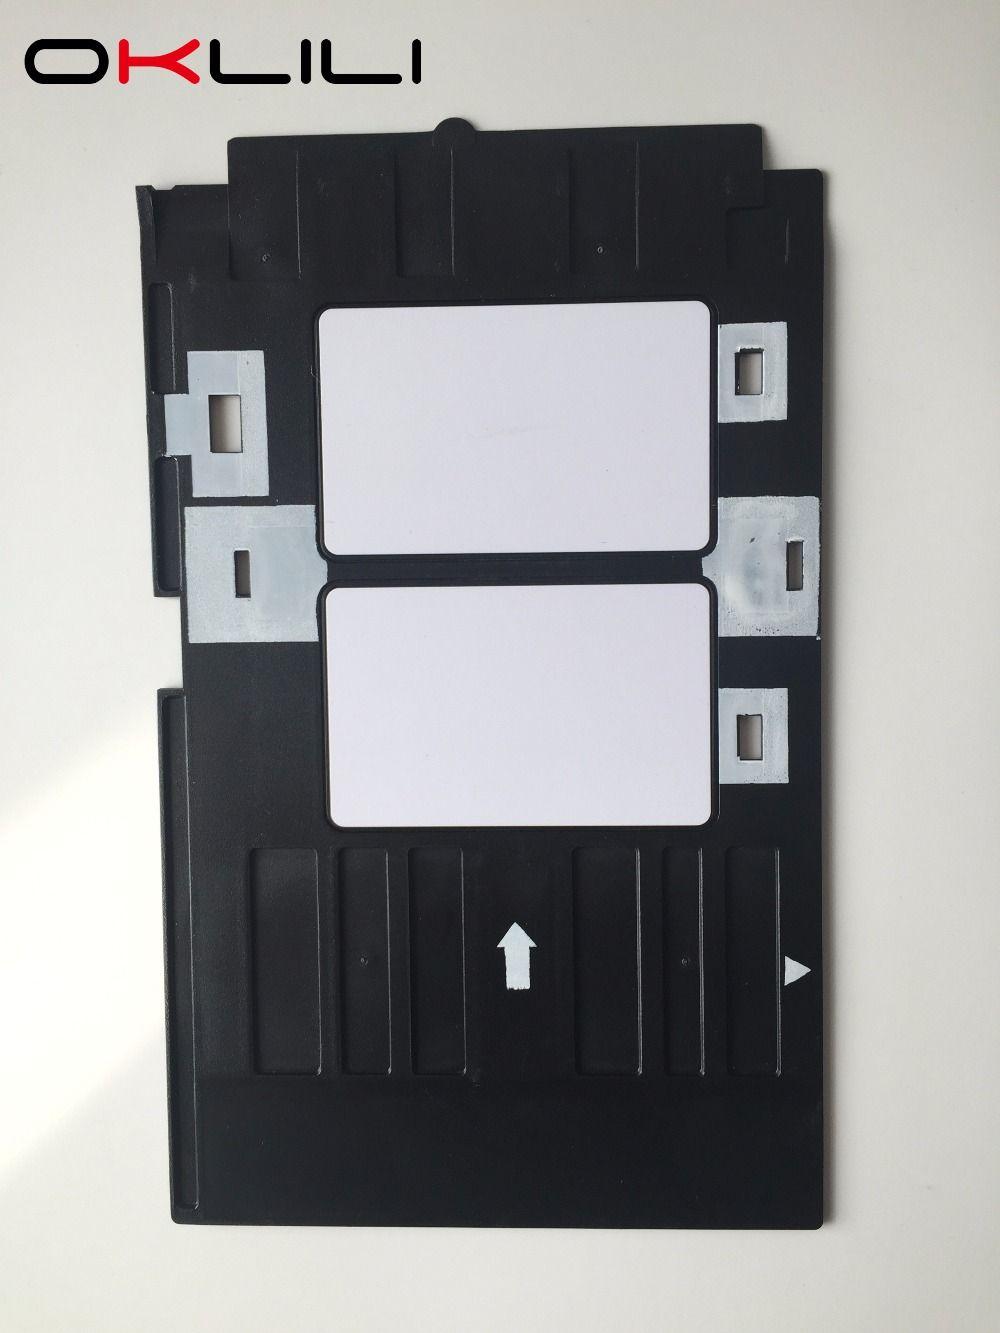 PVC Plateau De Carte D'IDENTITÉ En Plastique carte Plateau D'impression pour Epson R260 R265 R270 R280 R290 R380 R390 RX680 T50 T60 A50 P50 L800 L801 R330